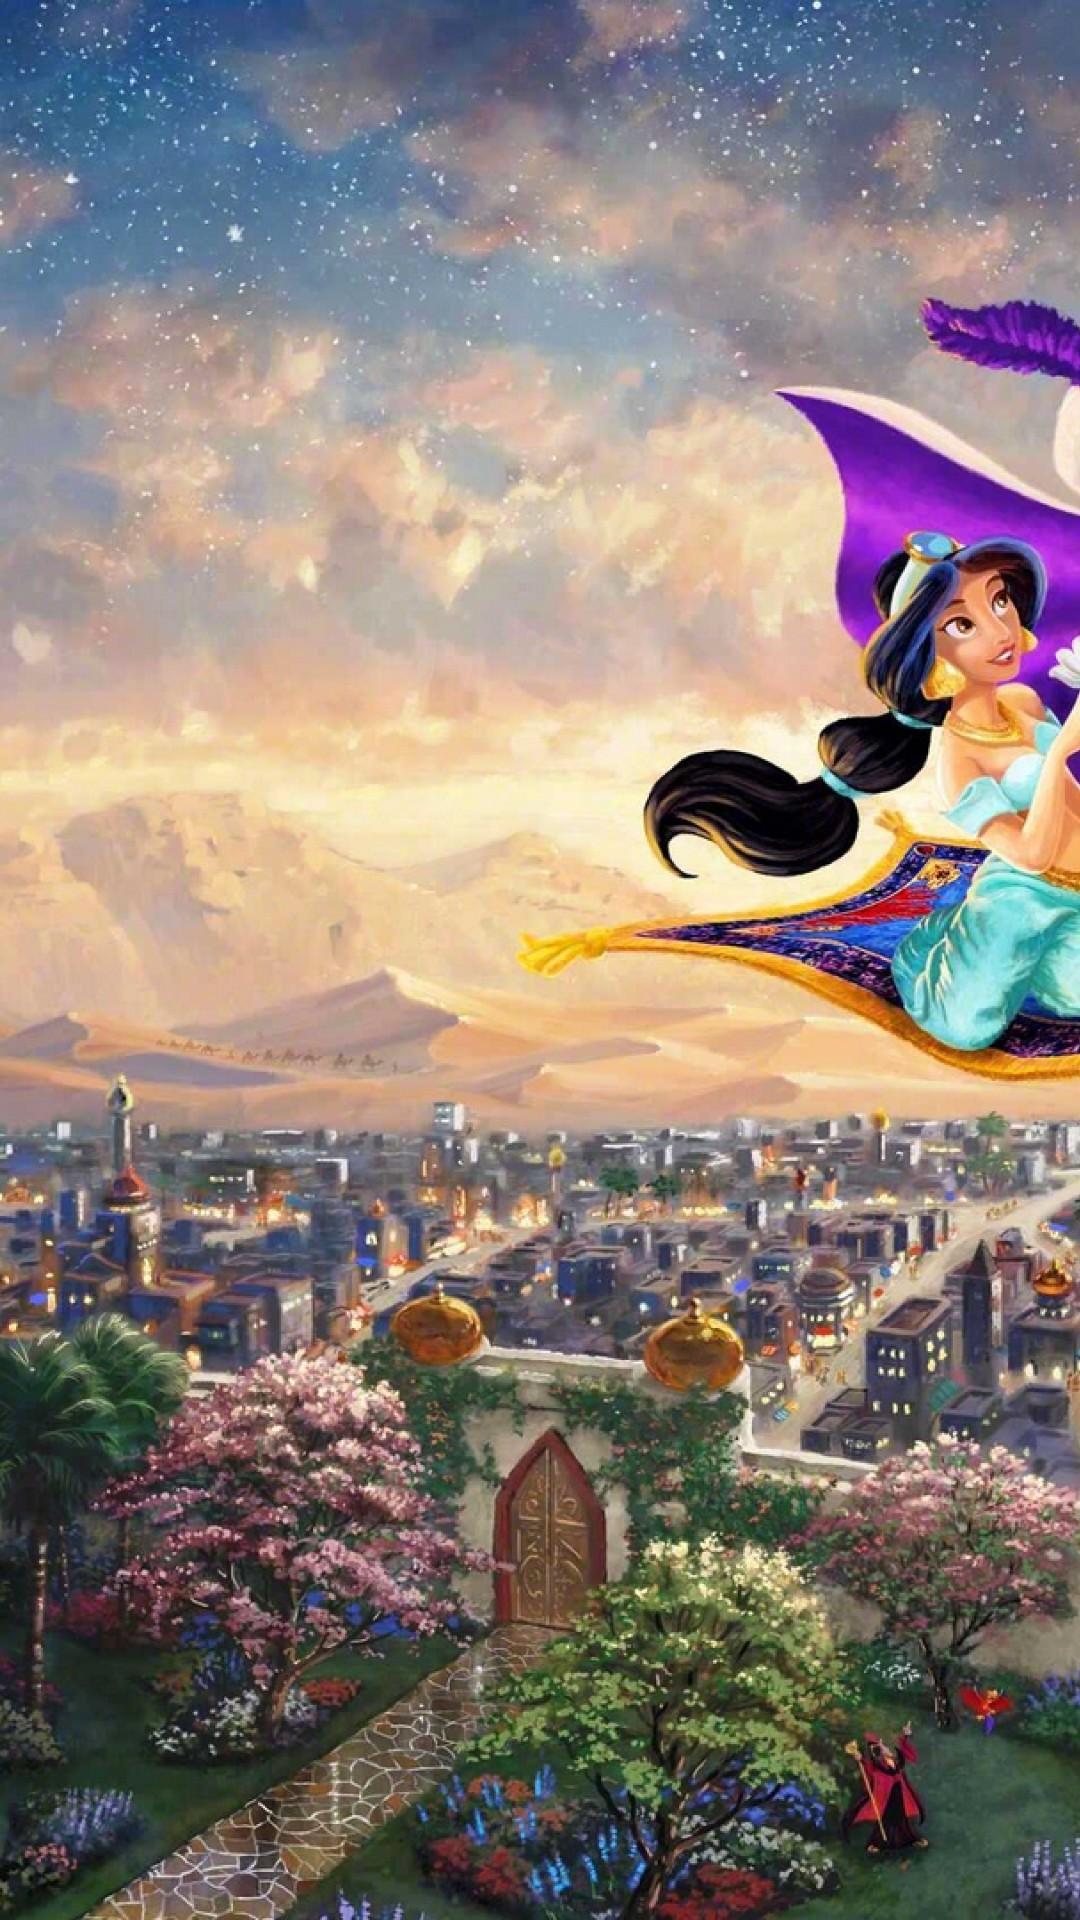 Aladdin Hd Wallpaper Iphone 6 6s Plus Hd Wallpaper